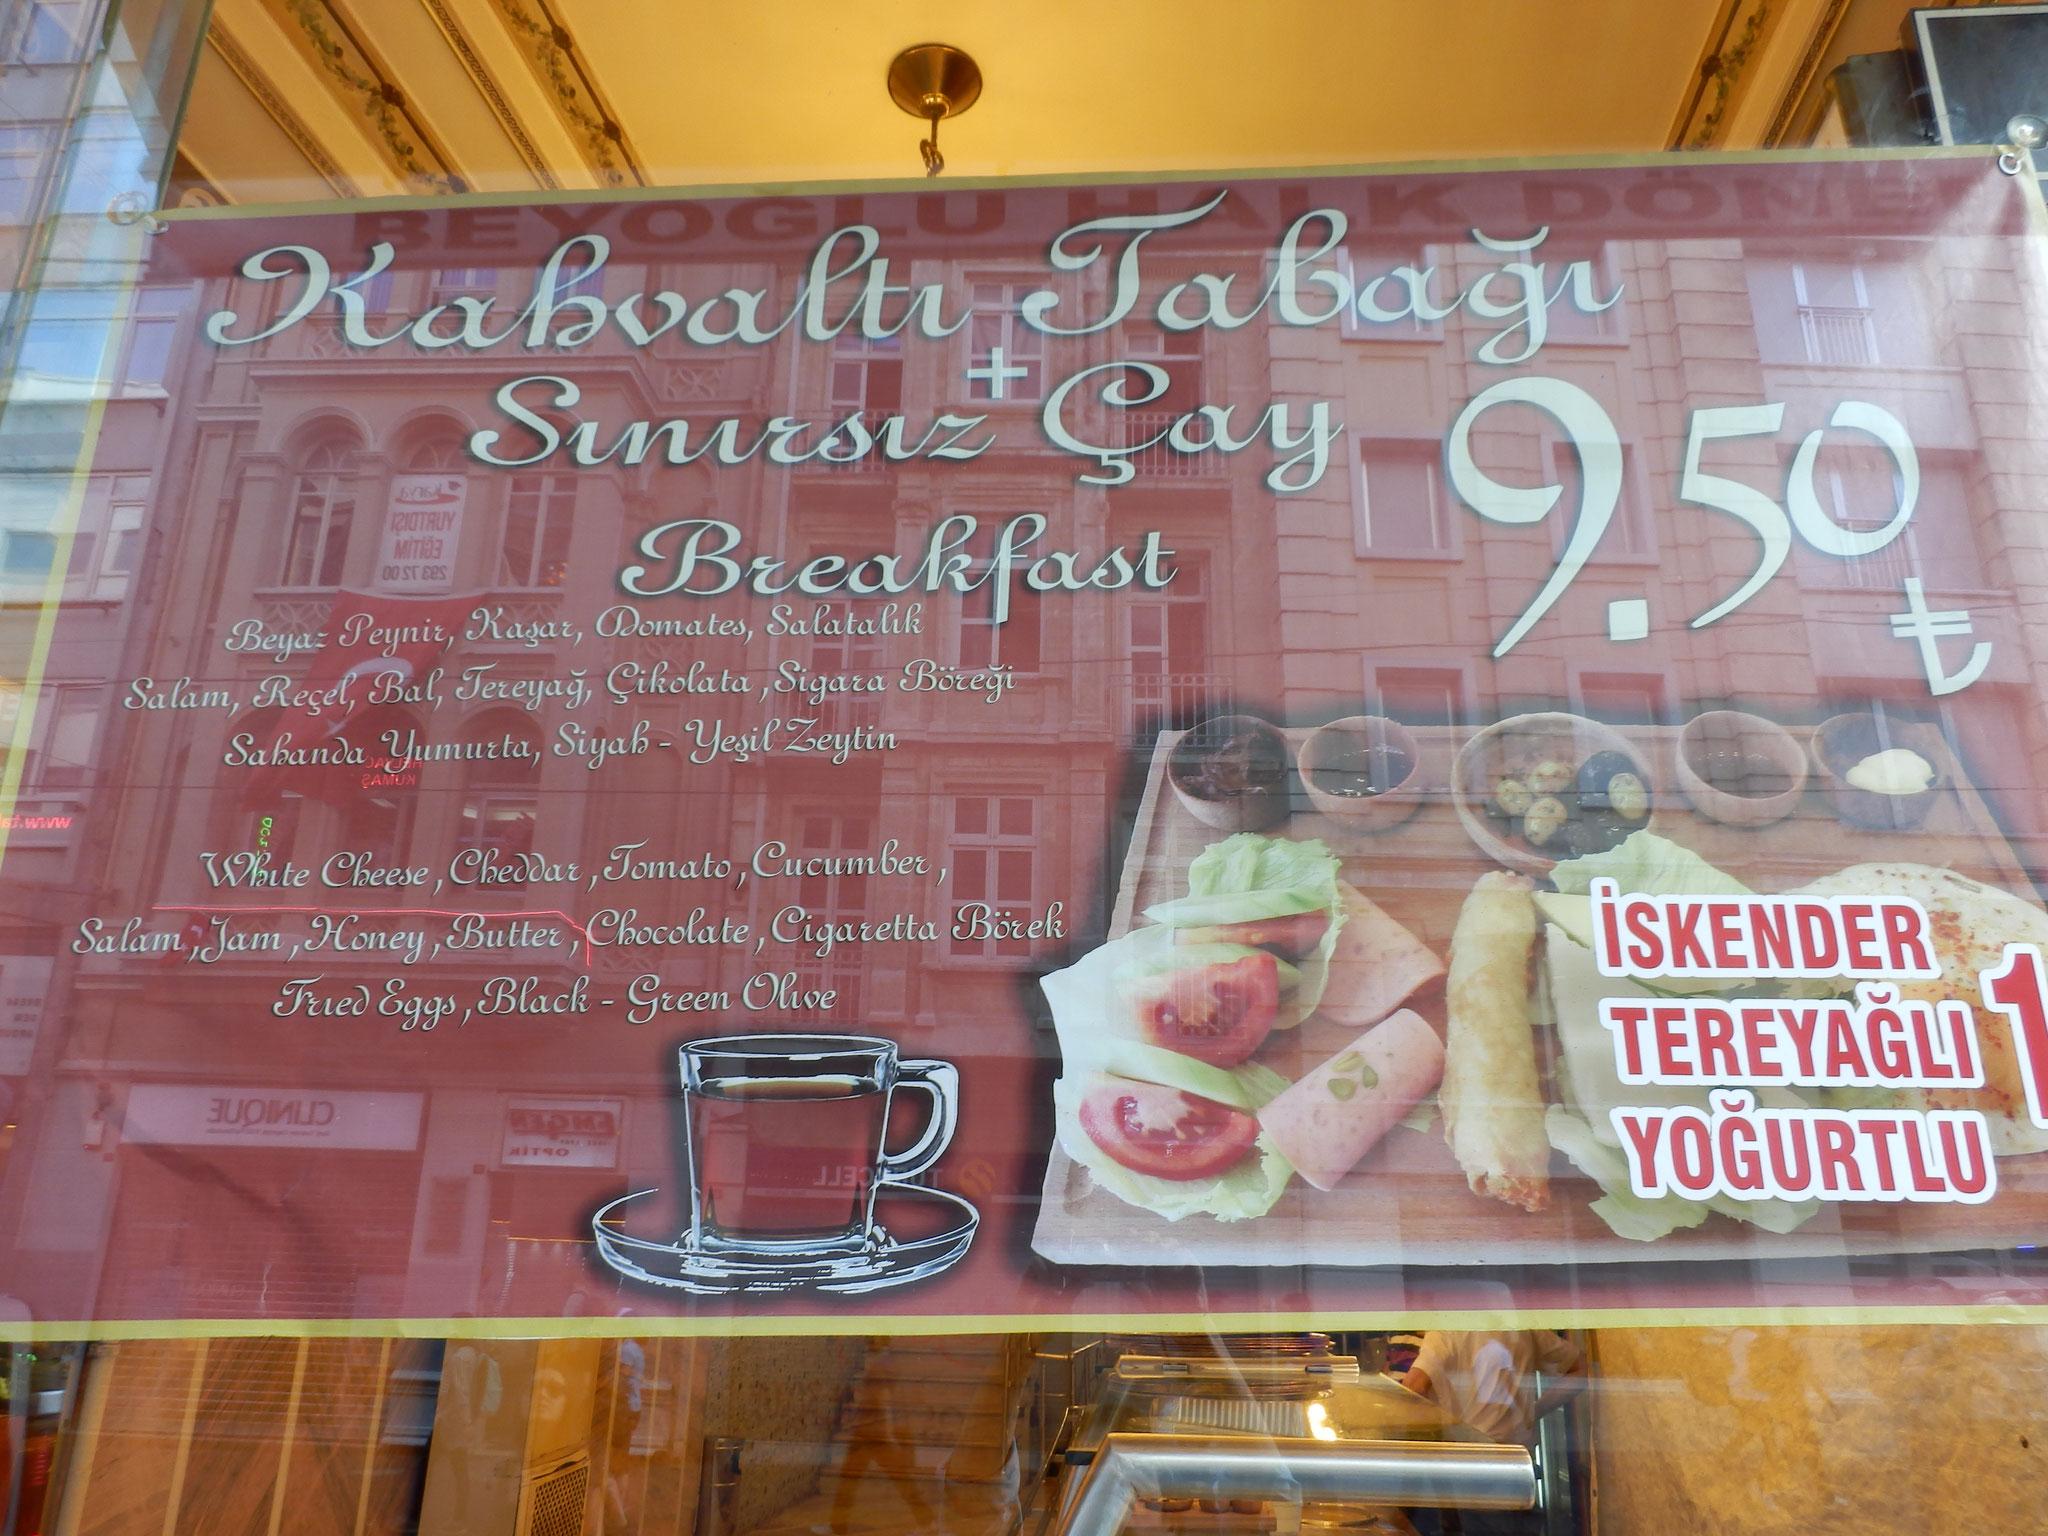 朝食プレート+チャイ飲み放題 9.5リラ